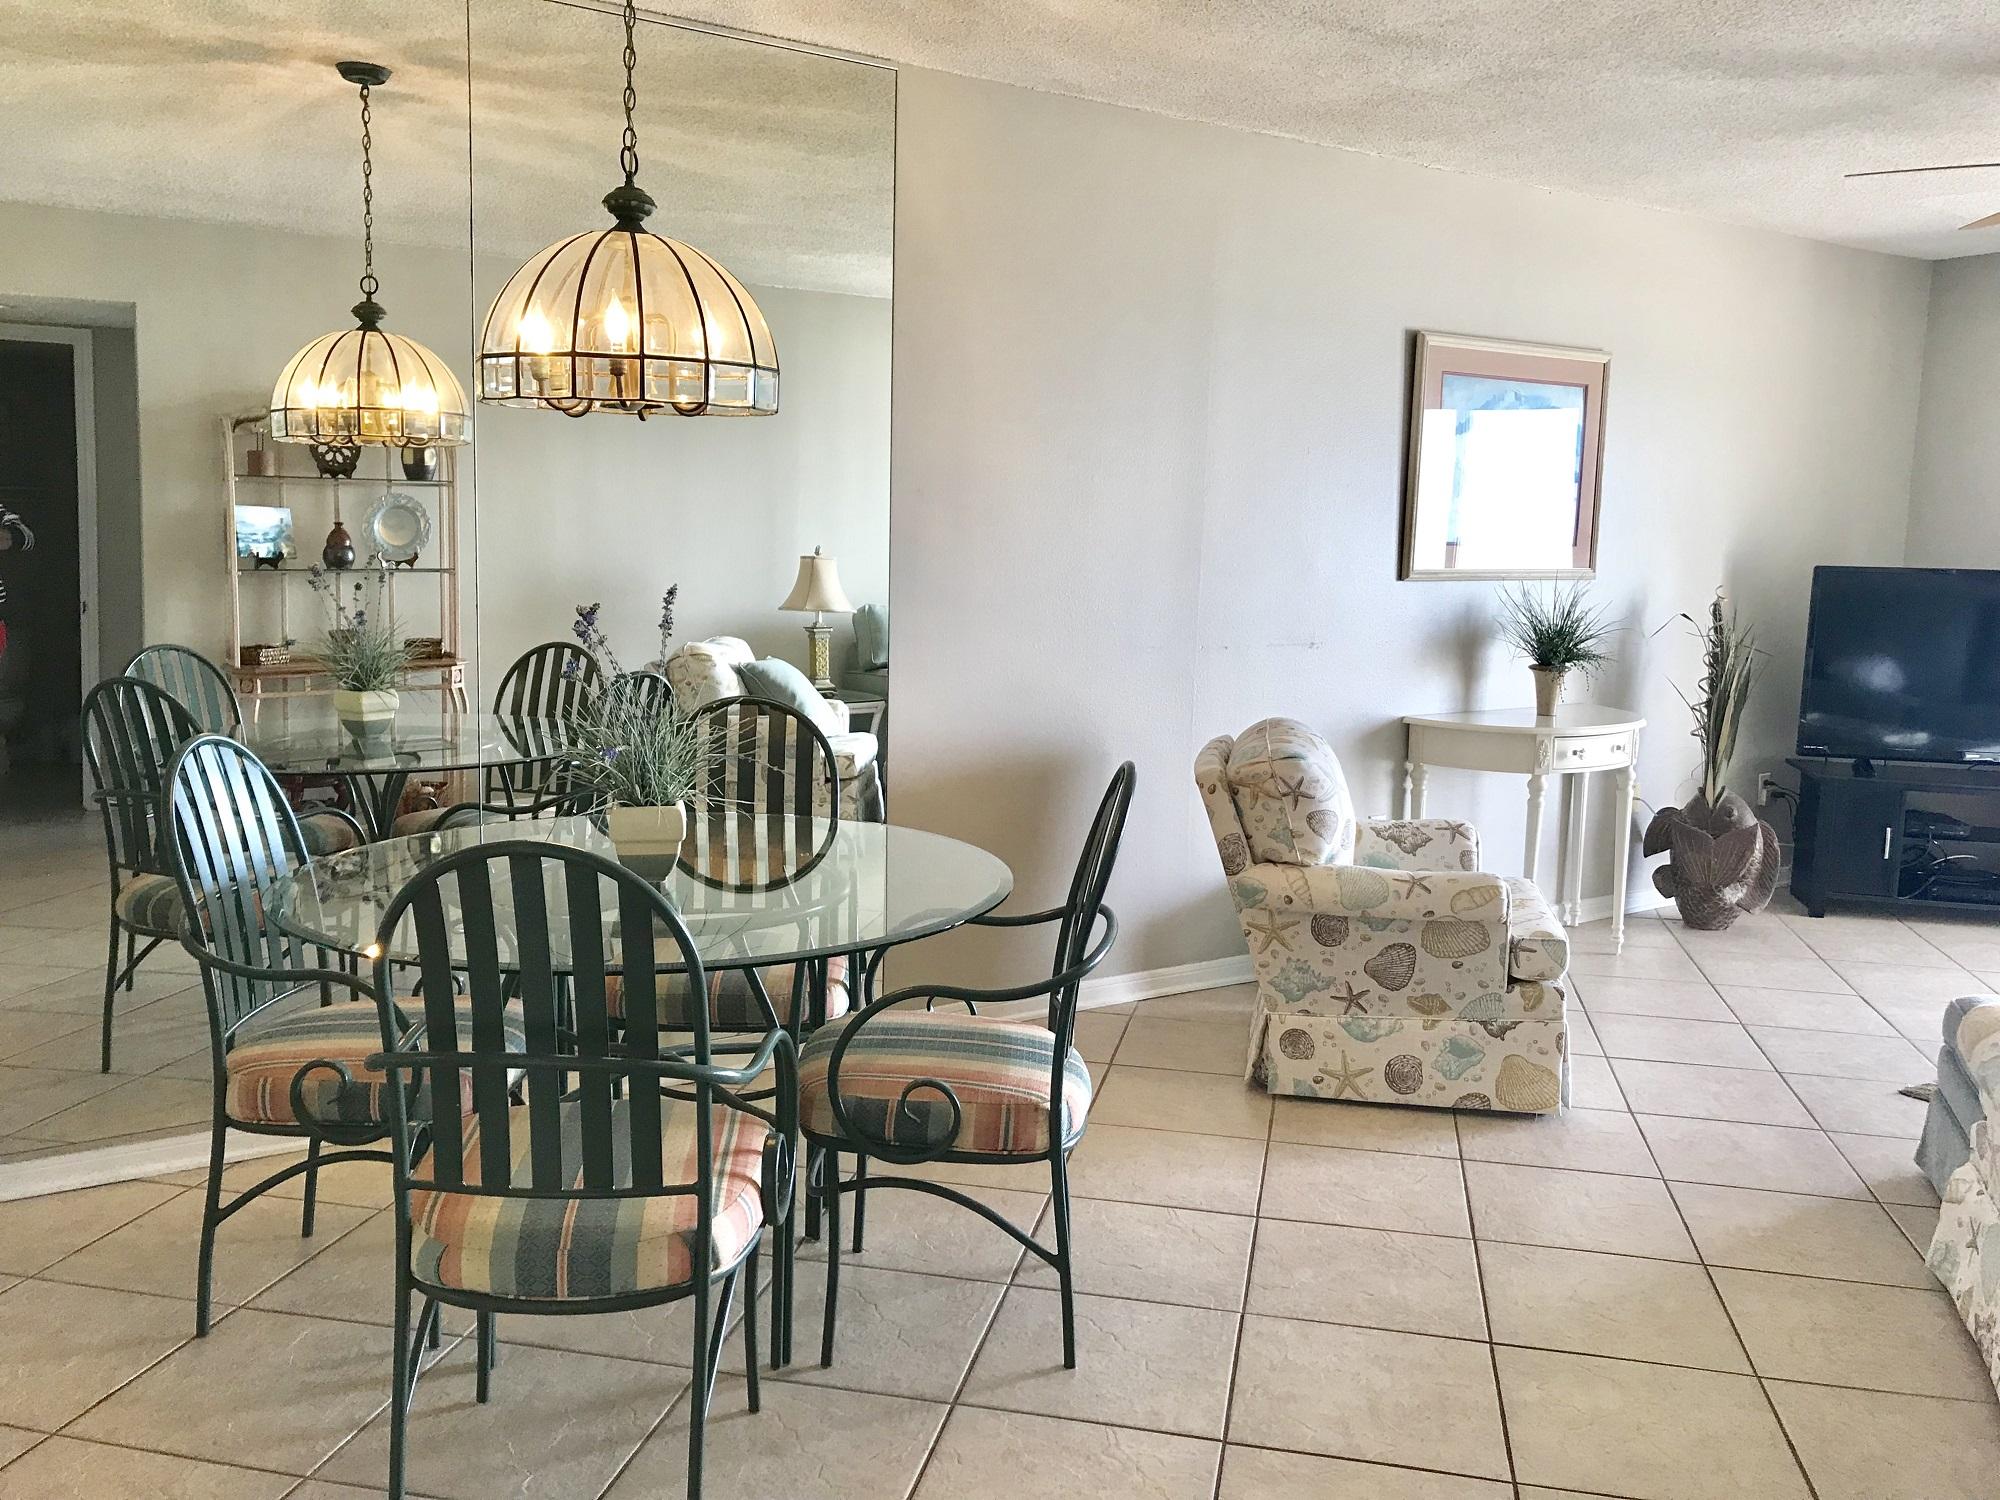 Ocean House 2302 Condo rental in Ocean House - Gulf Shores in Gulf Shores Alabama - #10